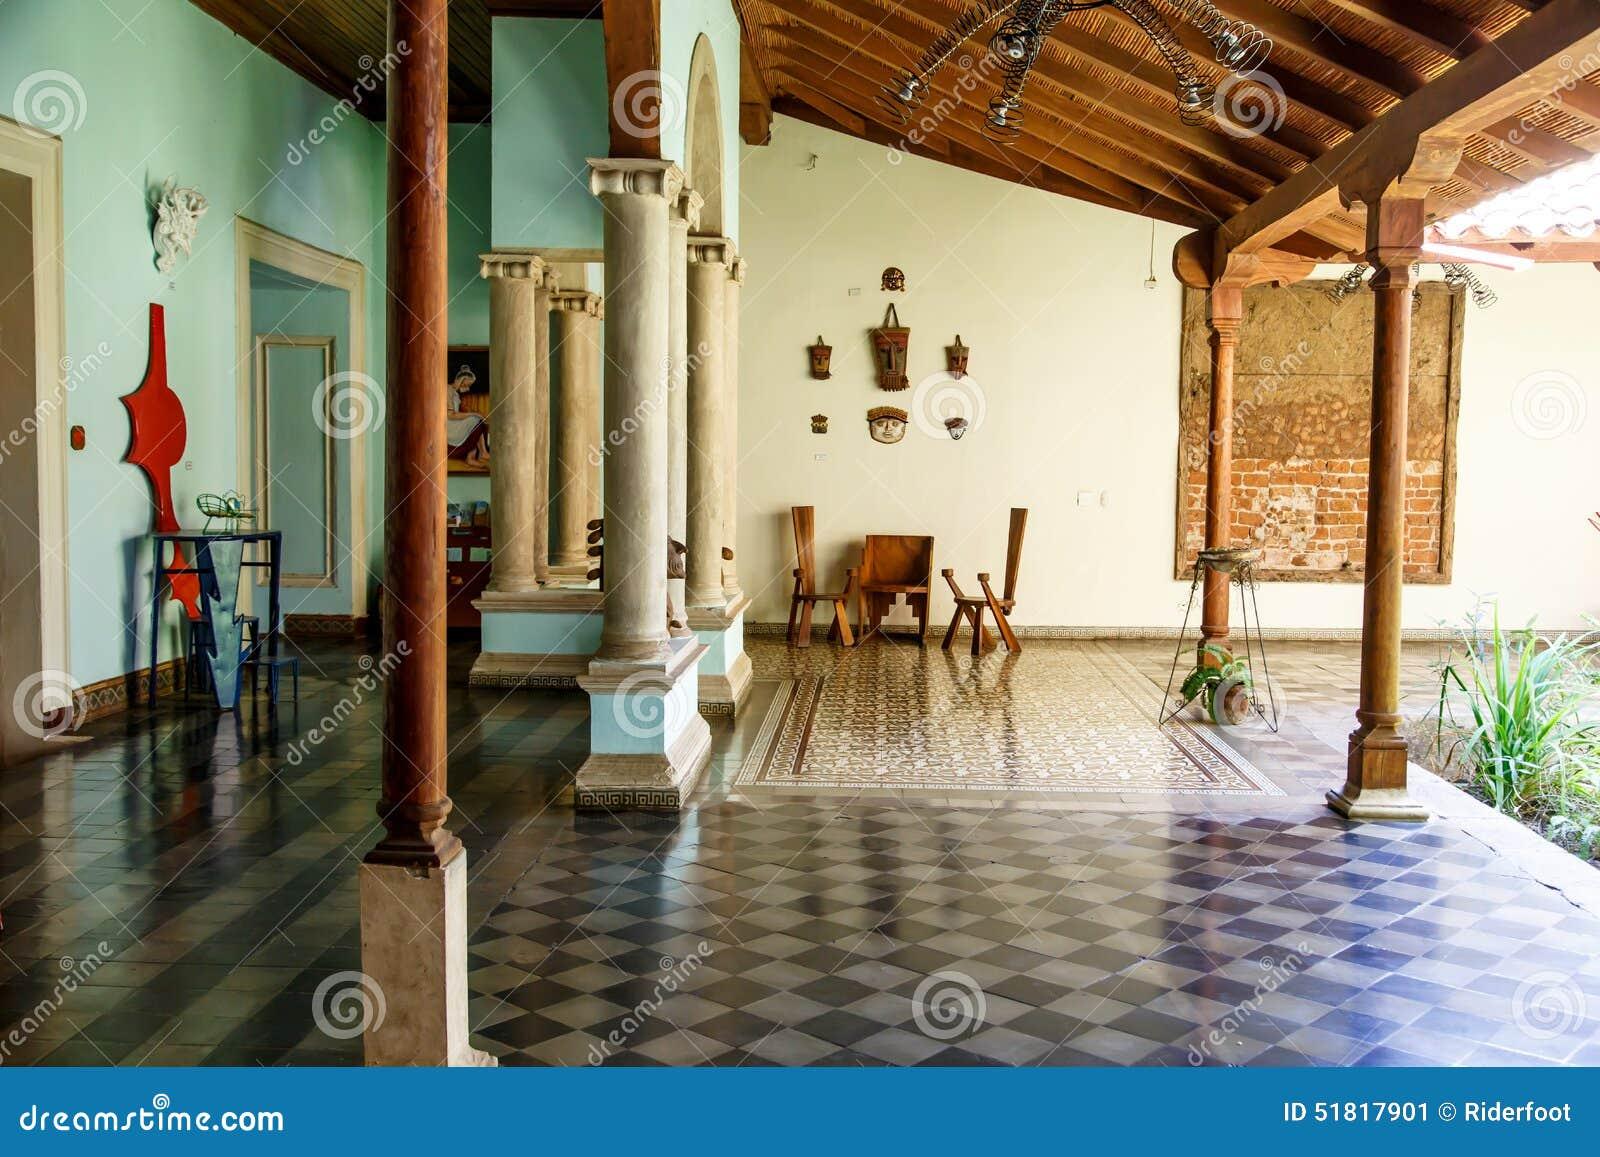 Columnas De Una Terraza Colonial De La Casa Imagen De